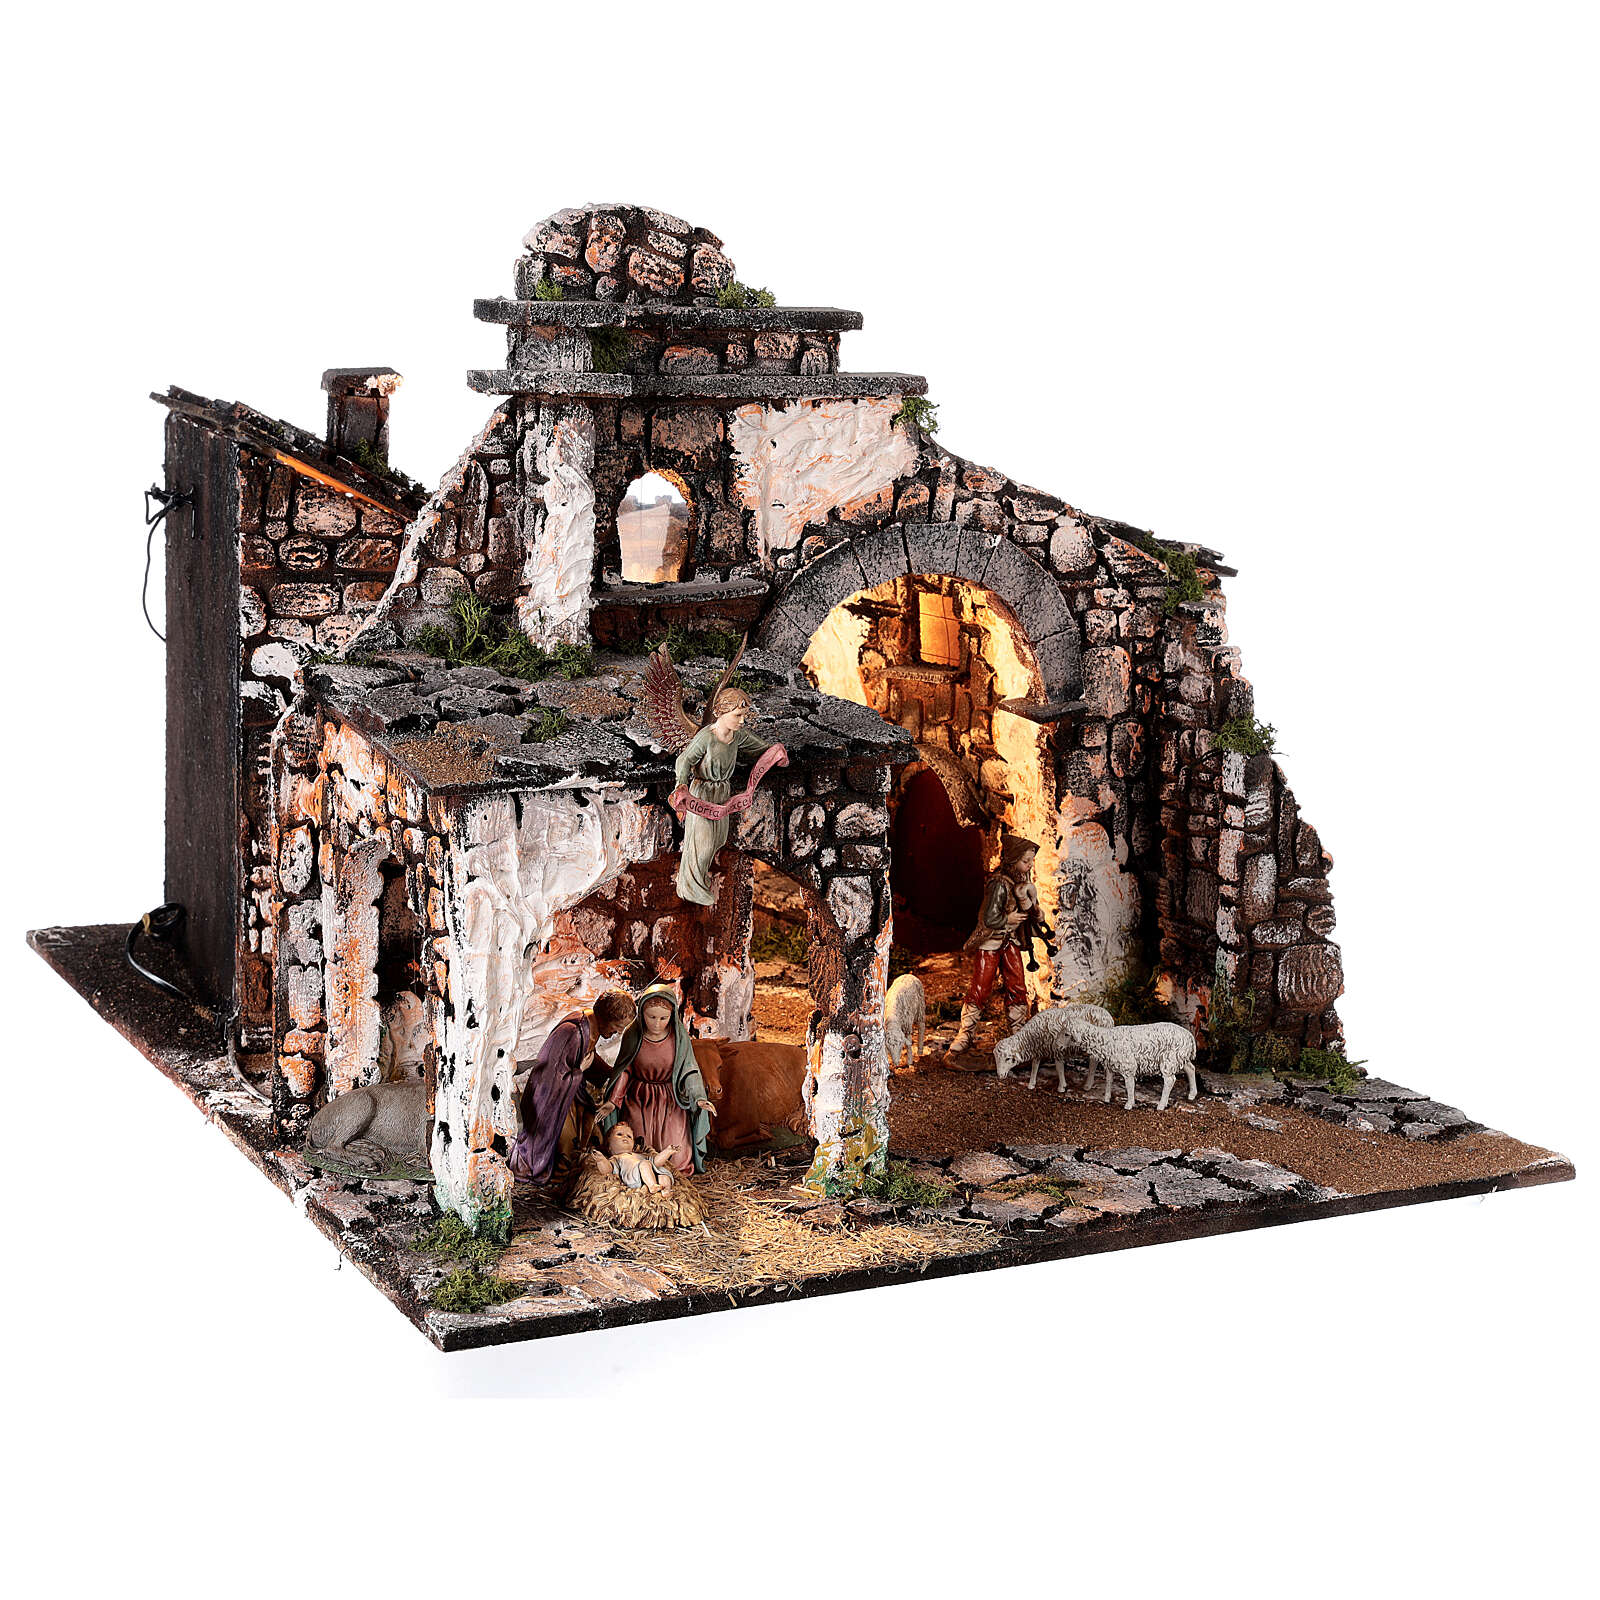 Pueblo medieval 55x80x50 cm con espejo y estatuas 12 cm 4